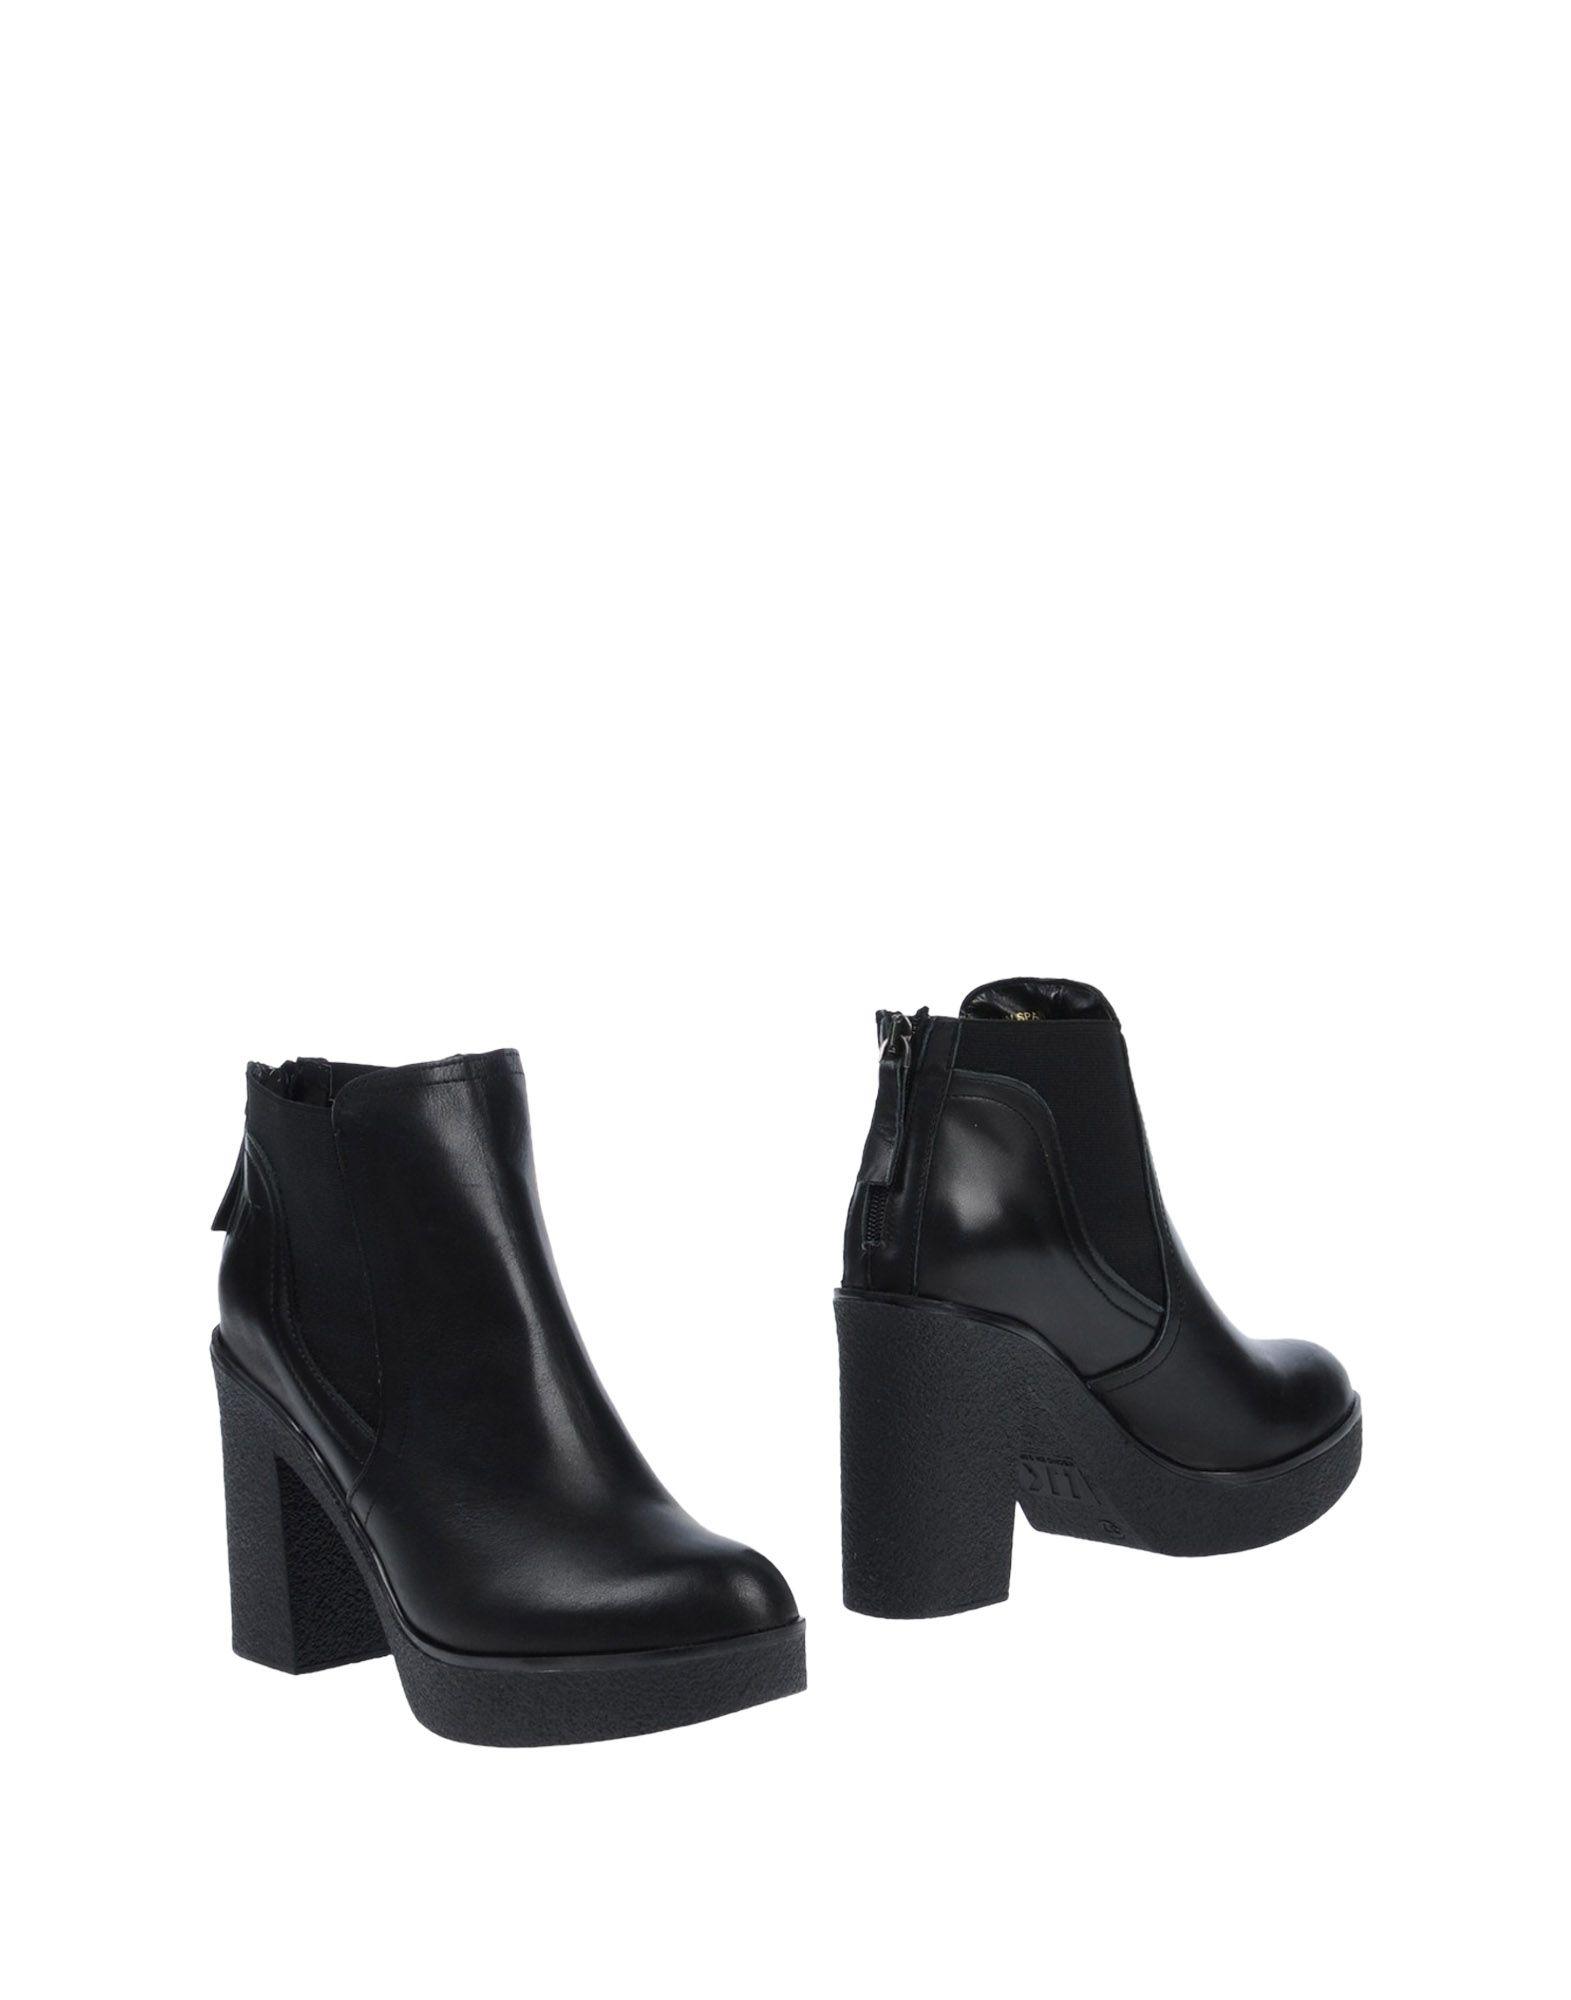 Lumberjack Chelsea Boots Qualität Damen  11505819TU Gute Qualität Boots beliebte Schuhe 5275e3